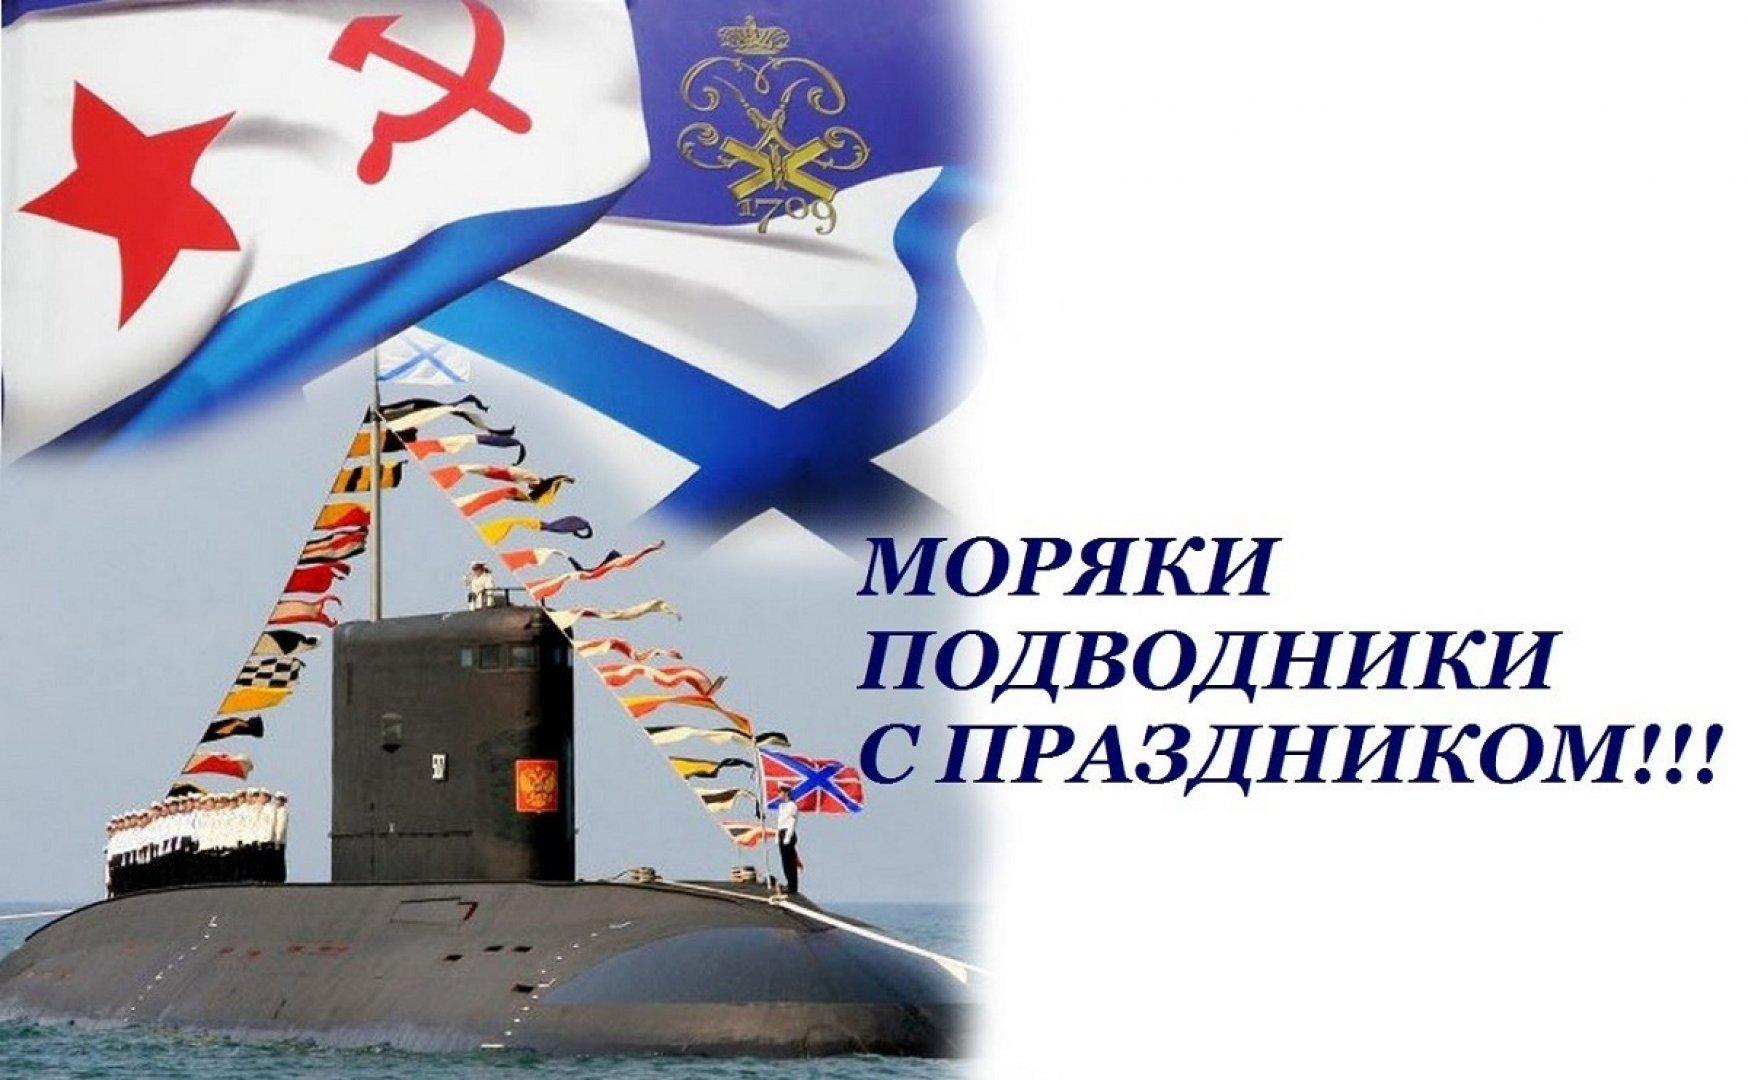 Прикольные поздравления подводникам - Поздравок